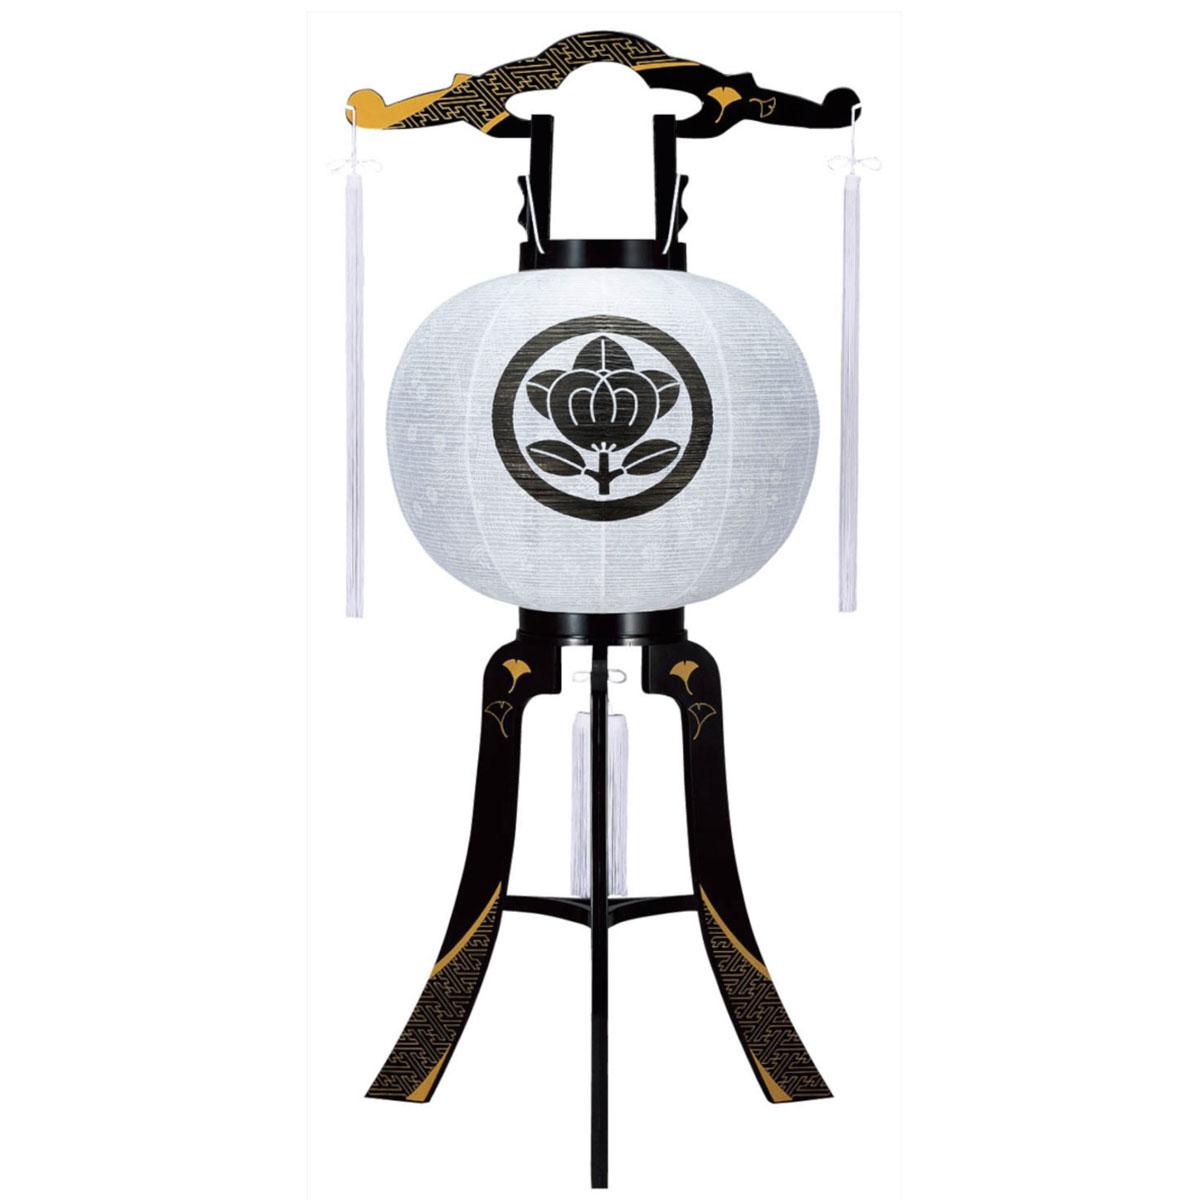 盆提灯 家紋承り提灯 置き型提灯 ミニ行灯 『 綾型蒔絵 紋天 12号 』 BCG-8406-12-002家紋 代金込み プラスチック製 電気コード式 LED 置き型 置き提灯 行灯 行燈